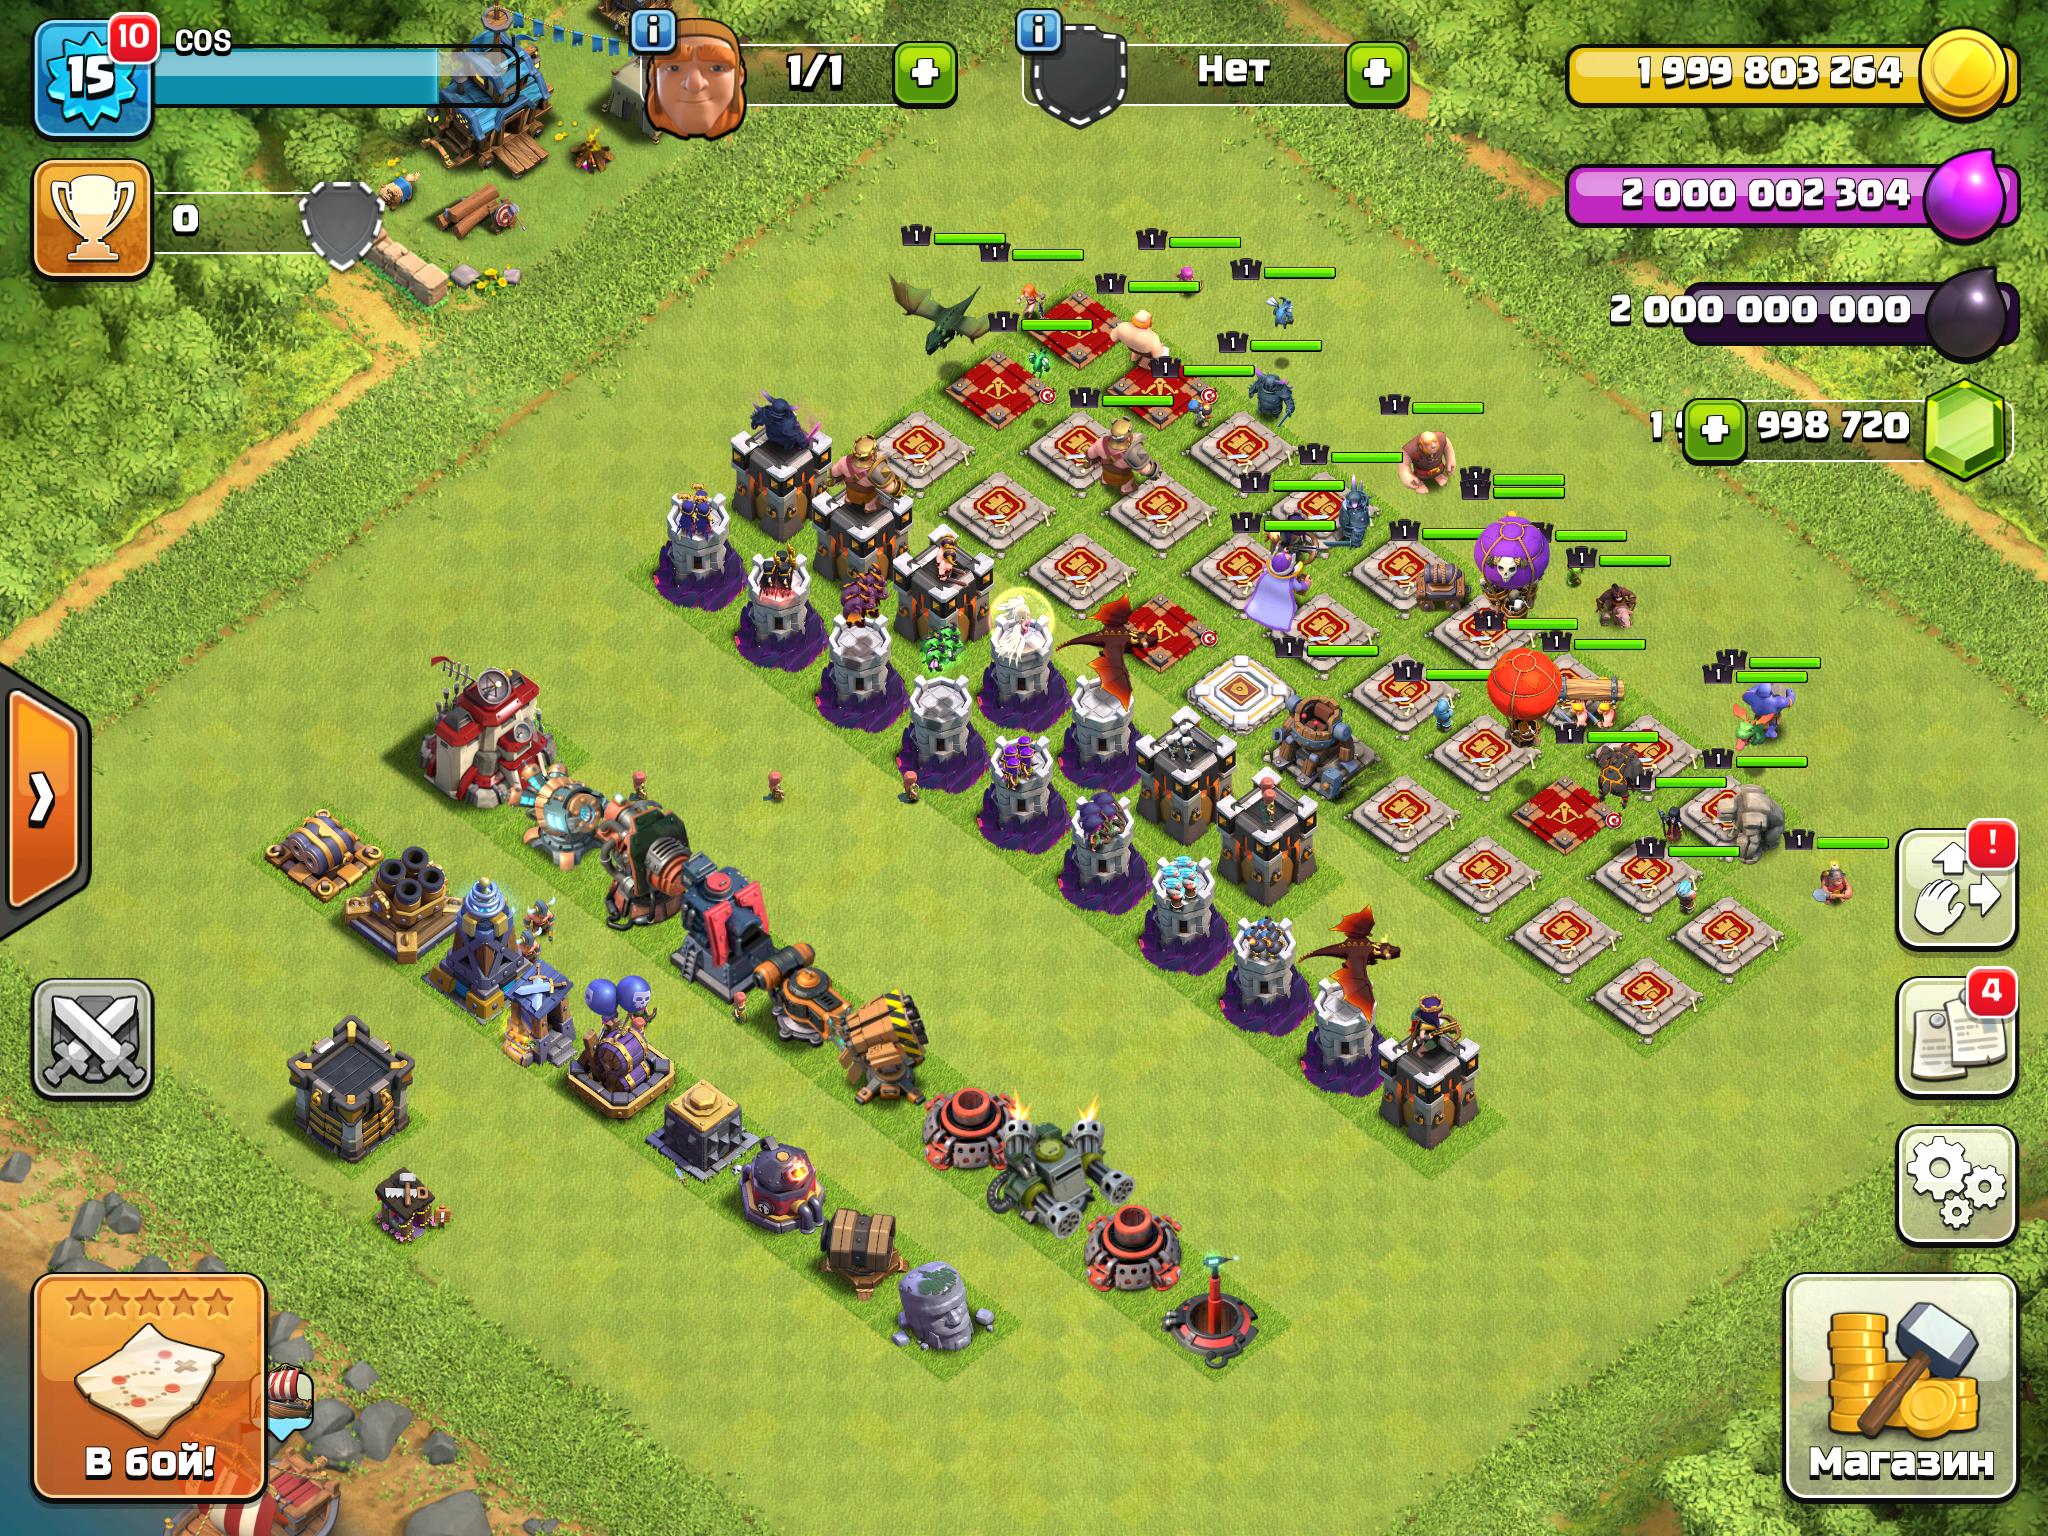 Сервер Clash of Souls iOS обычная деревня